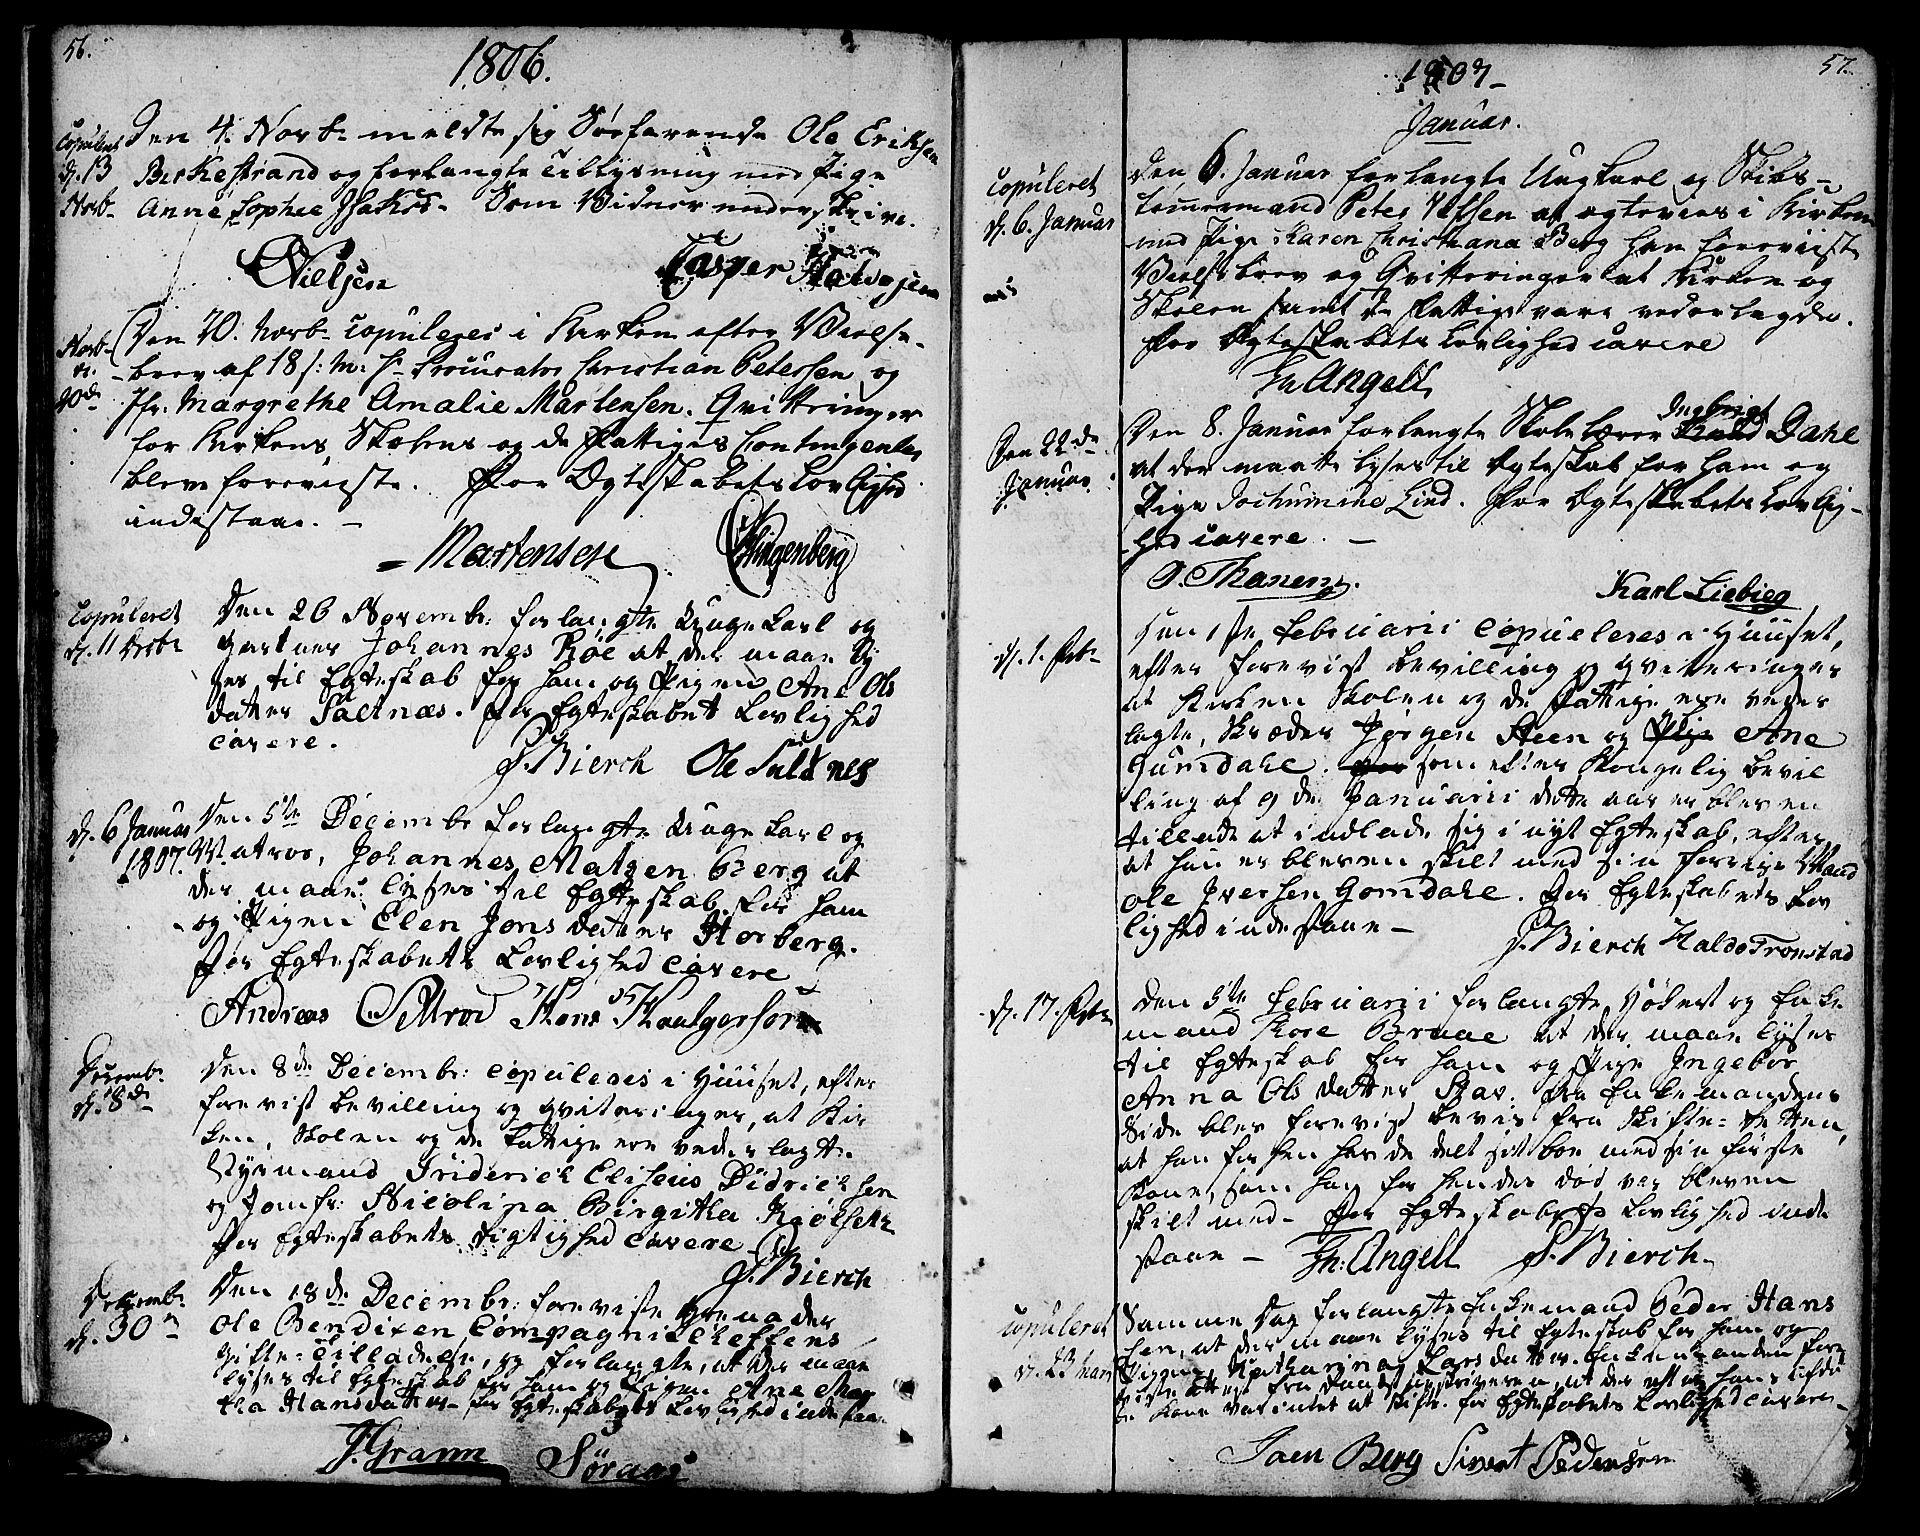 SAT, Ministerialprotokoller, klokkerbøker og fødselsregistre - Sør-Trøndelag, 601/L0042: Ministerialbok nr. 601A10, 1802-1830, s. 56-57